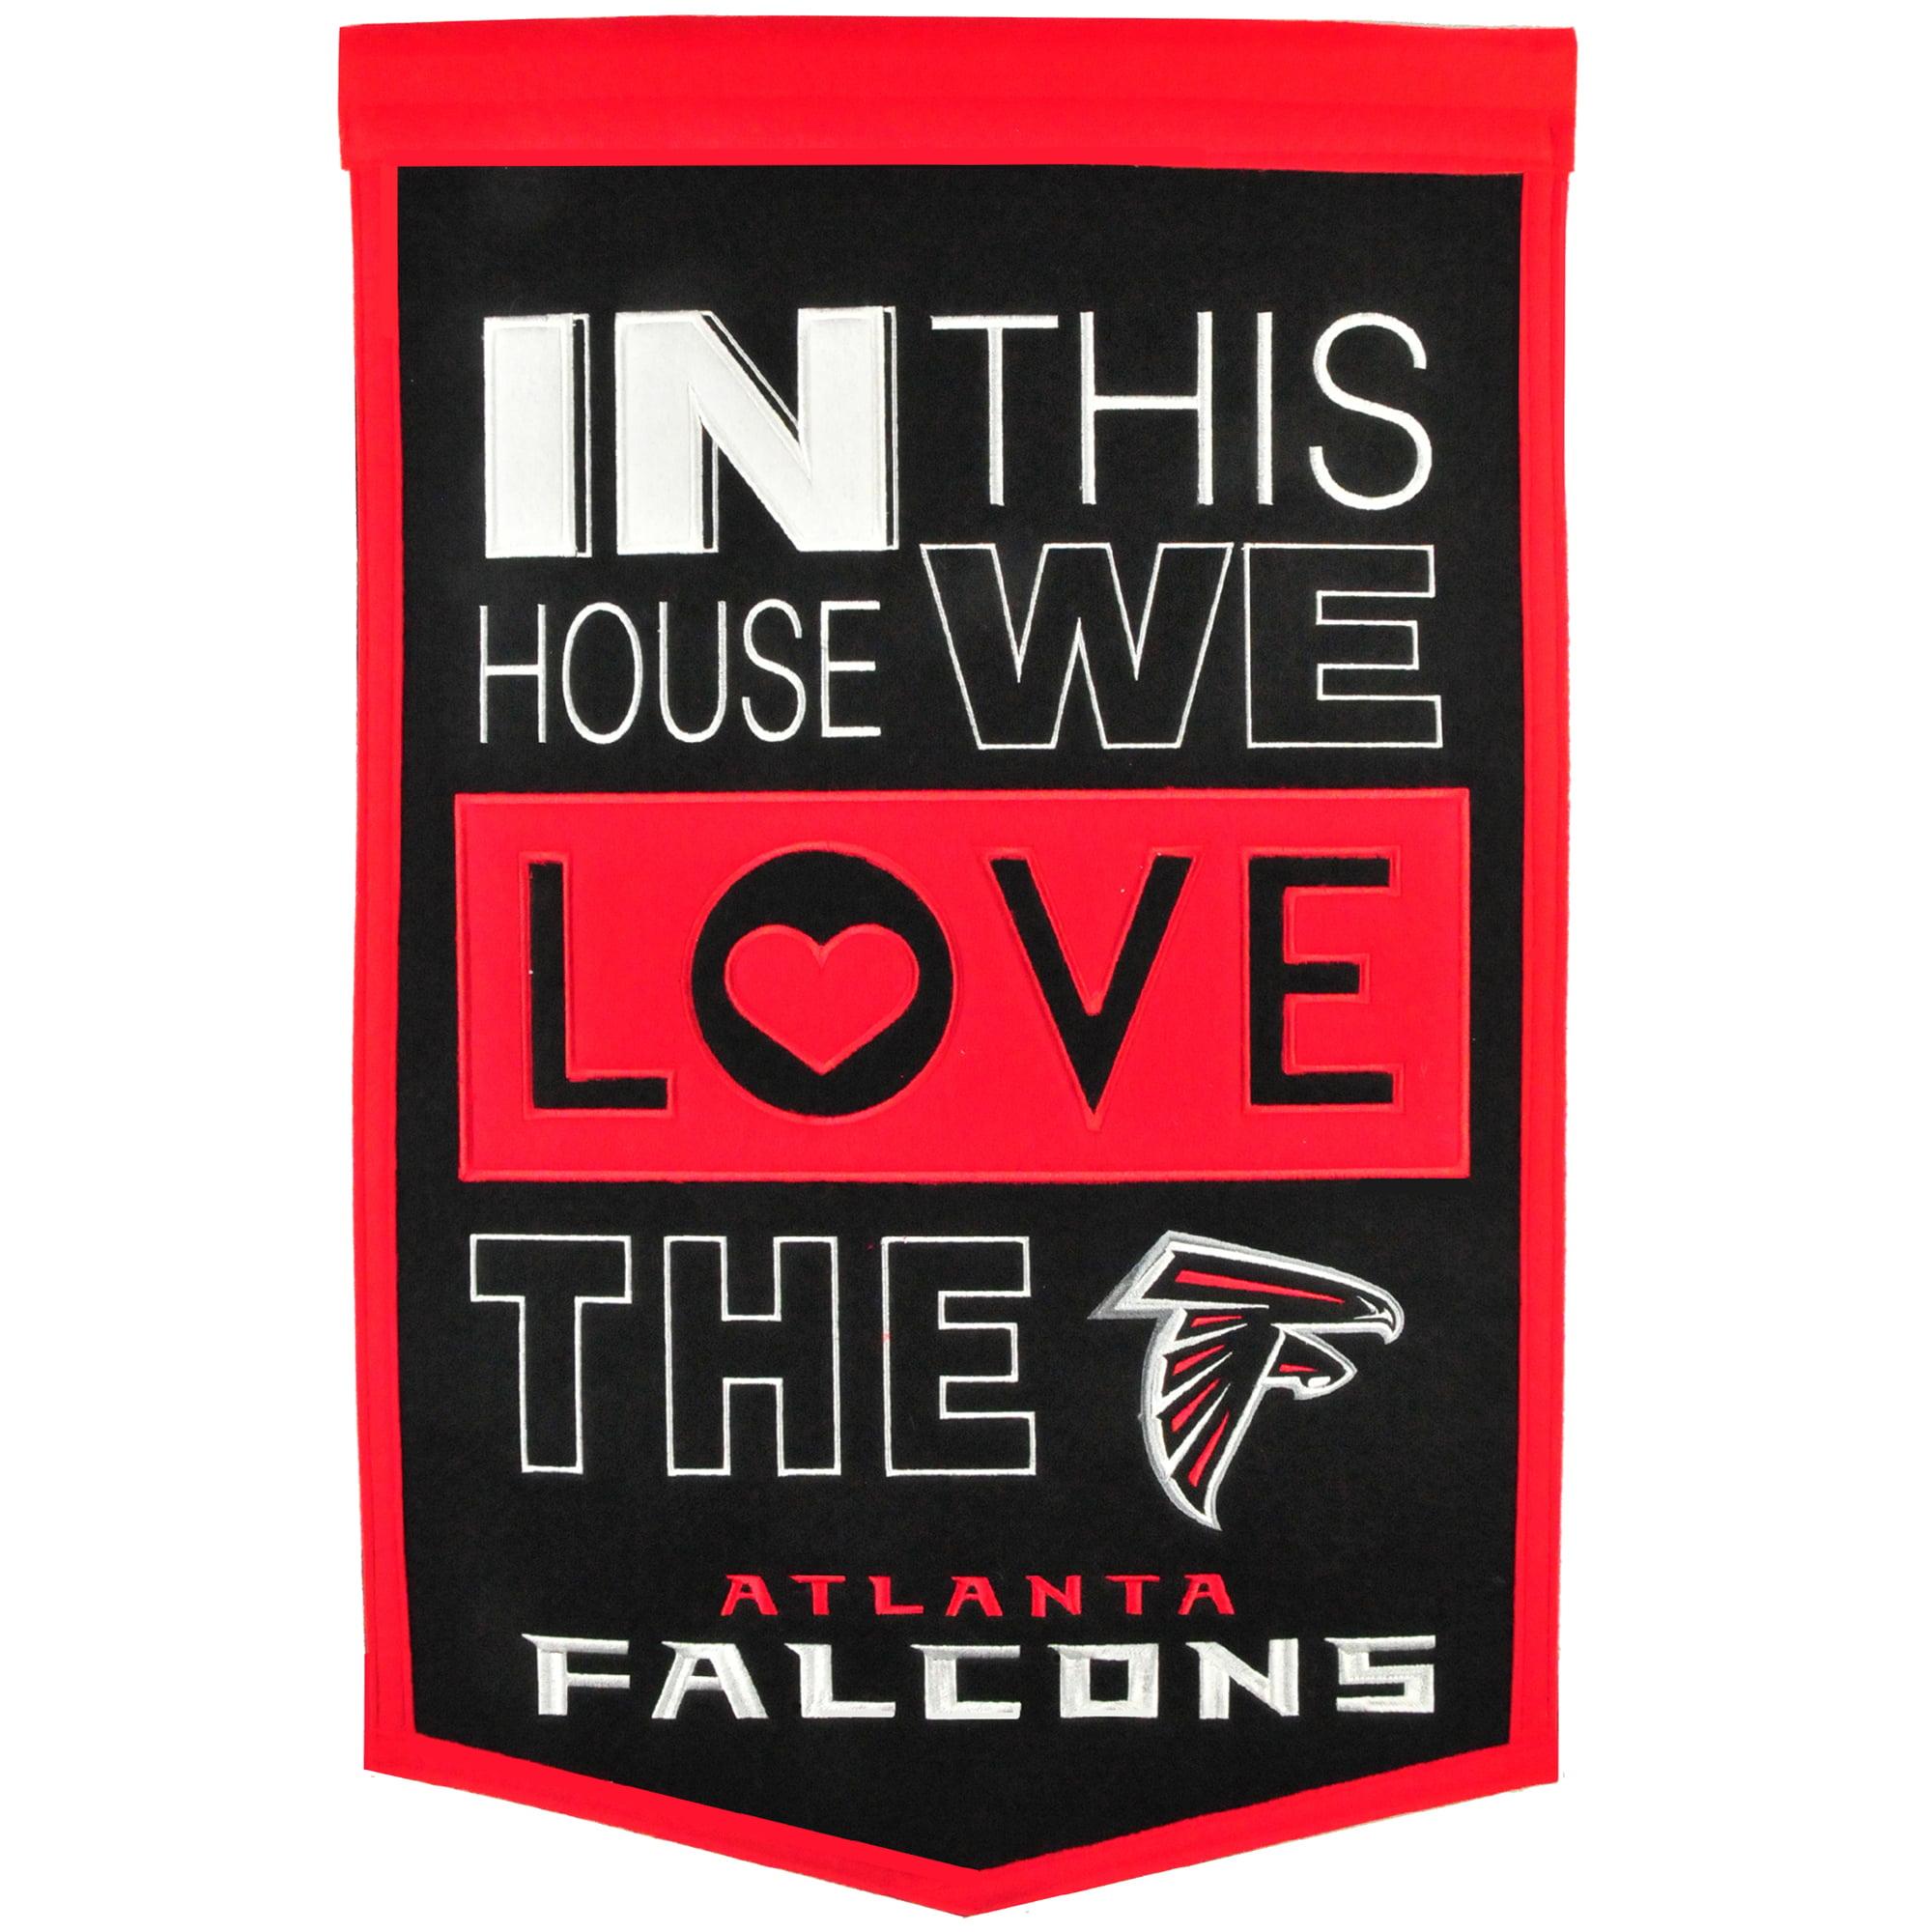 Atlanta Falcons 15'' x 24'' Home Banner - No Size